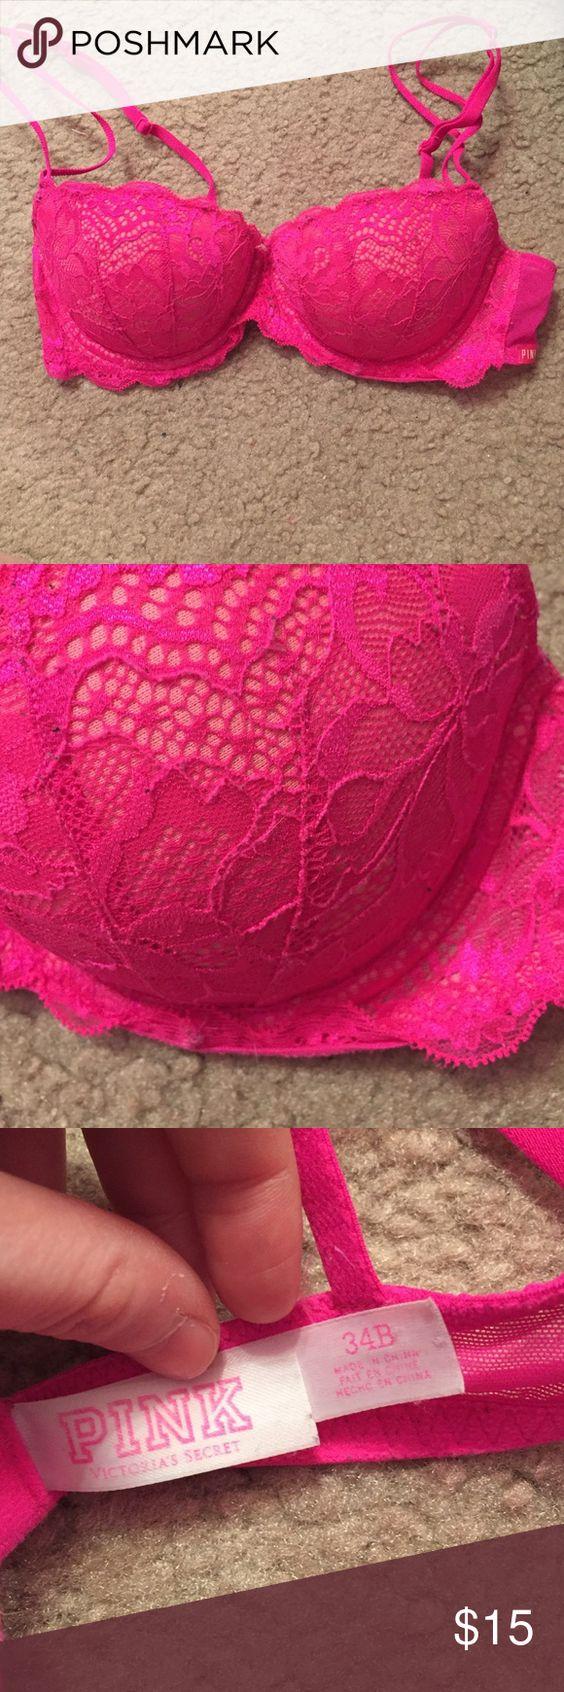 Victoria's Secret Pink bra *Relisted* Worn but in good condition. Victoria's Secret Pink, pink bra. Size 34B. Push-up bra. PINK Victoria's Secret Intimates & Sleepwear Bras